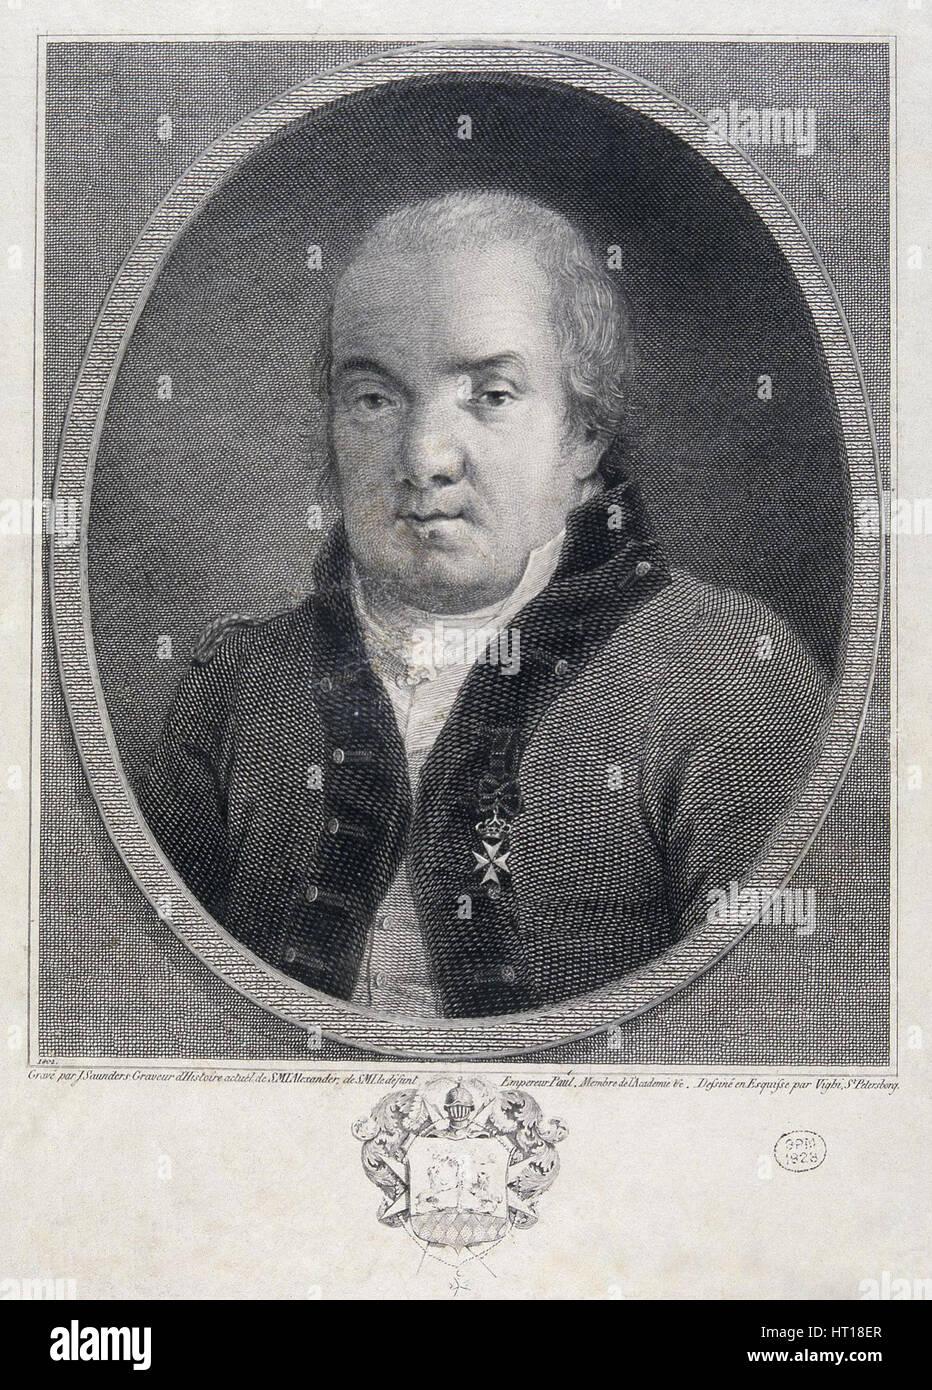 Portrait de l'architecte Giacomo Quarenghi (1744-1817), fin du 18e 100.. Artiste: Saunders, Joseph (actif Photo Stock